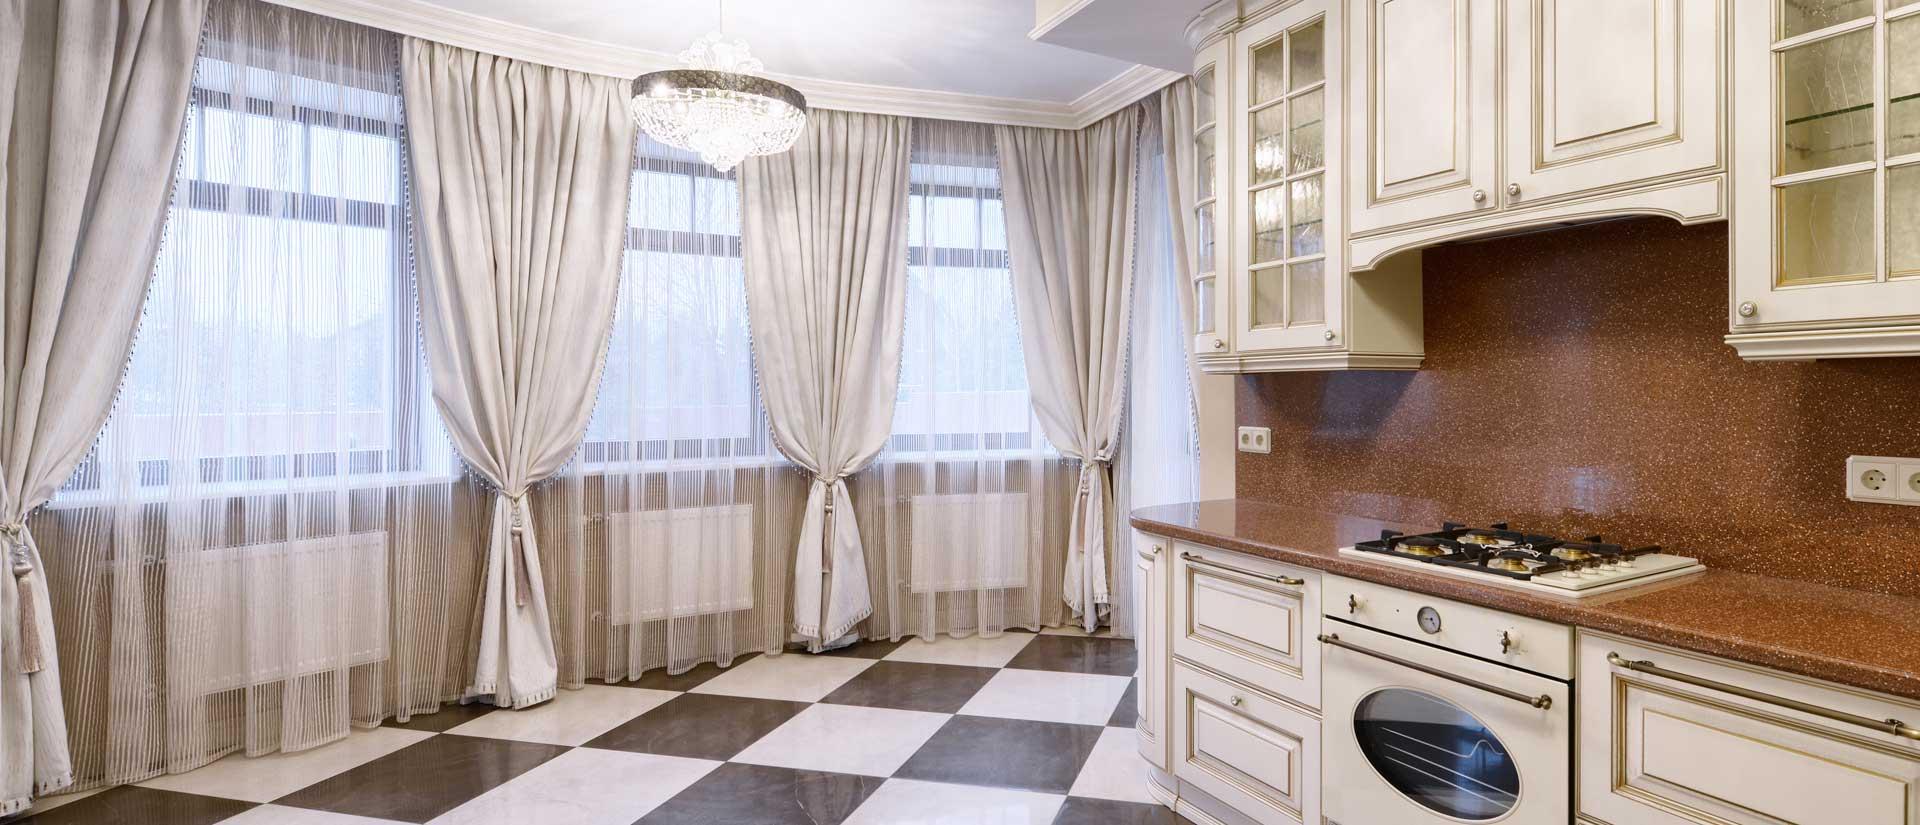 Full Size of Gardinen Küchenfenster Für Schlafzimmer Küche Wohnzimmer Fenster Scheibengardinen Die Wohnzimmer Gardinen Küchenfenster